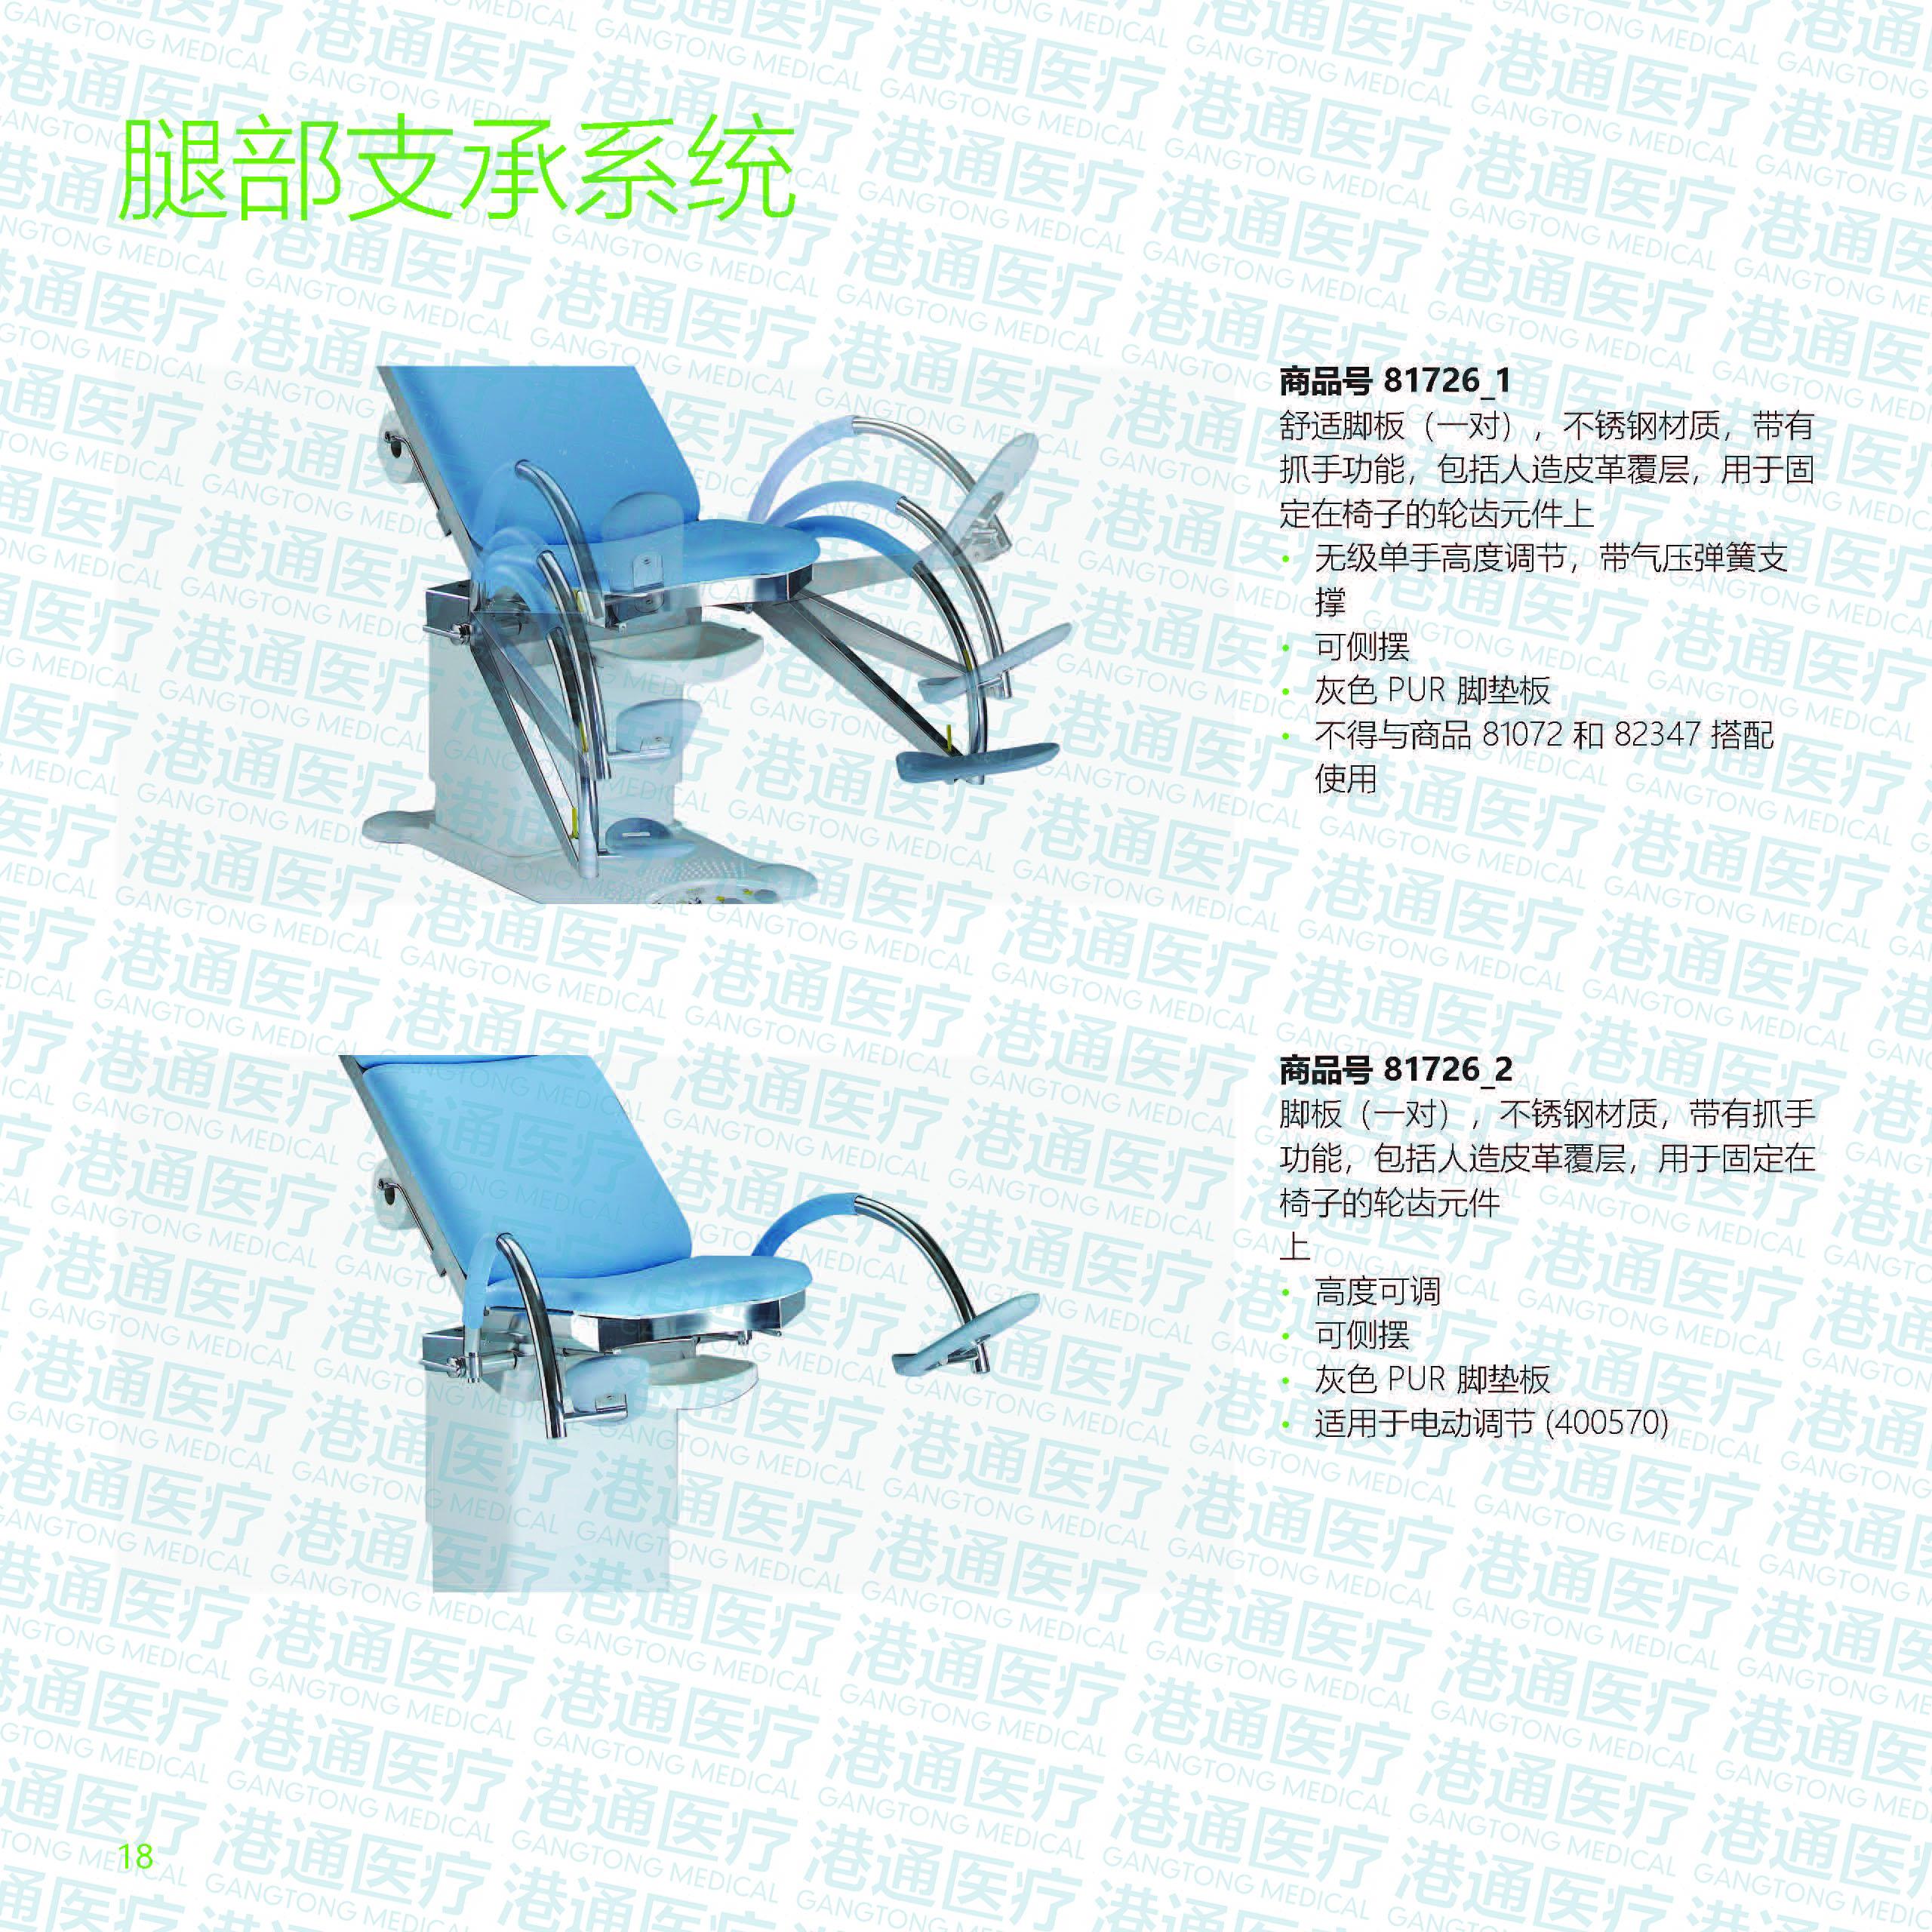 检查用椅泌尿外科用